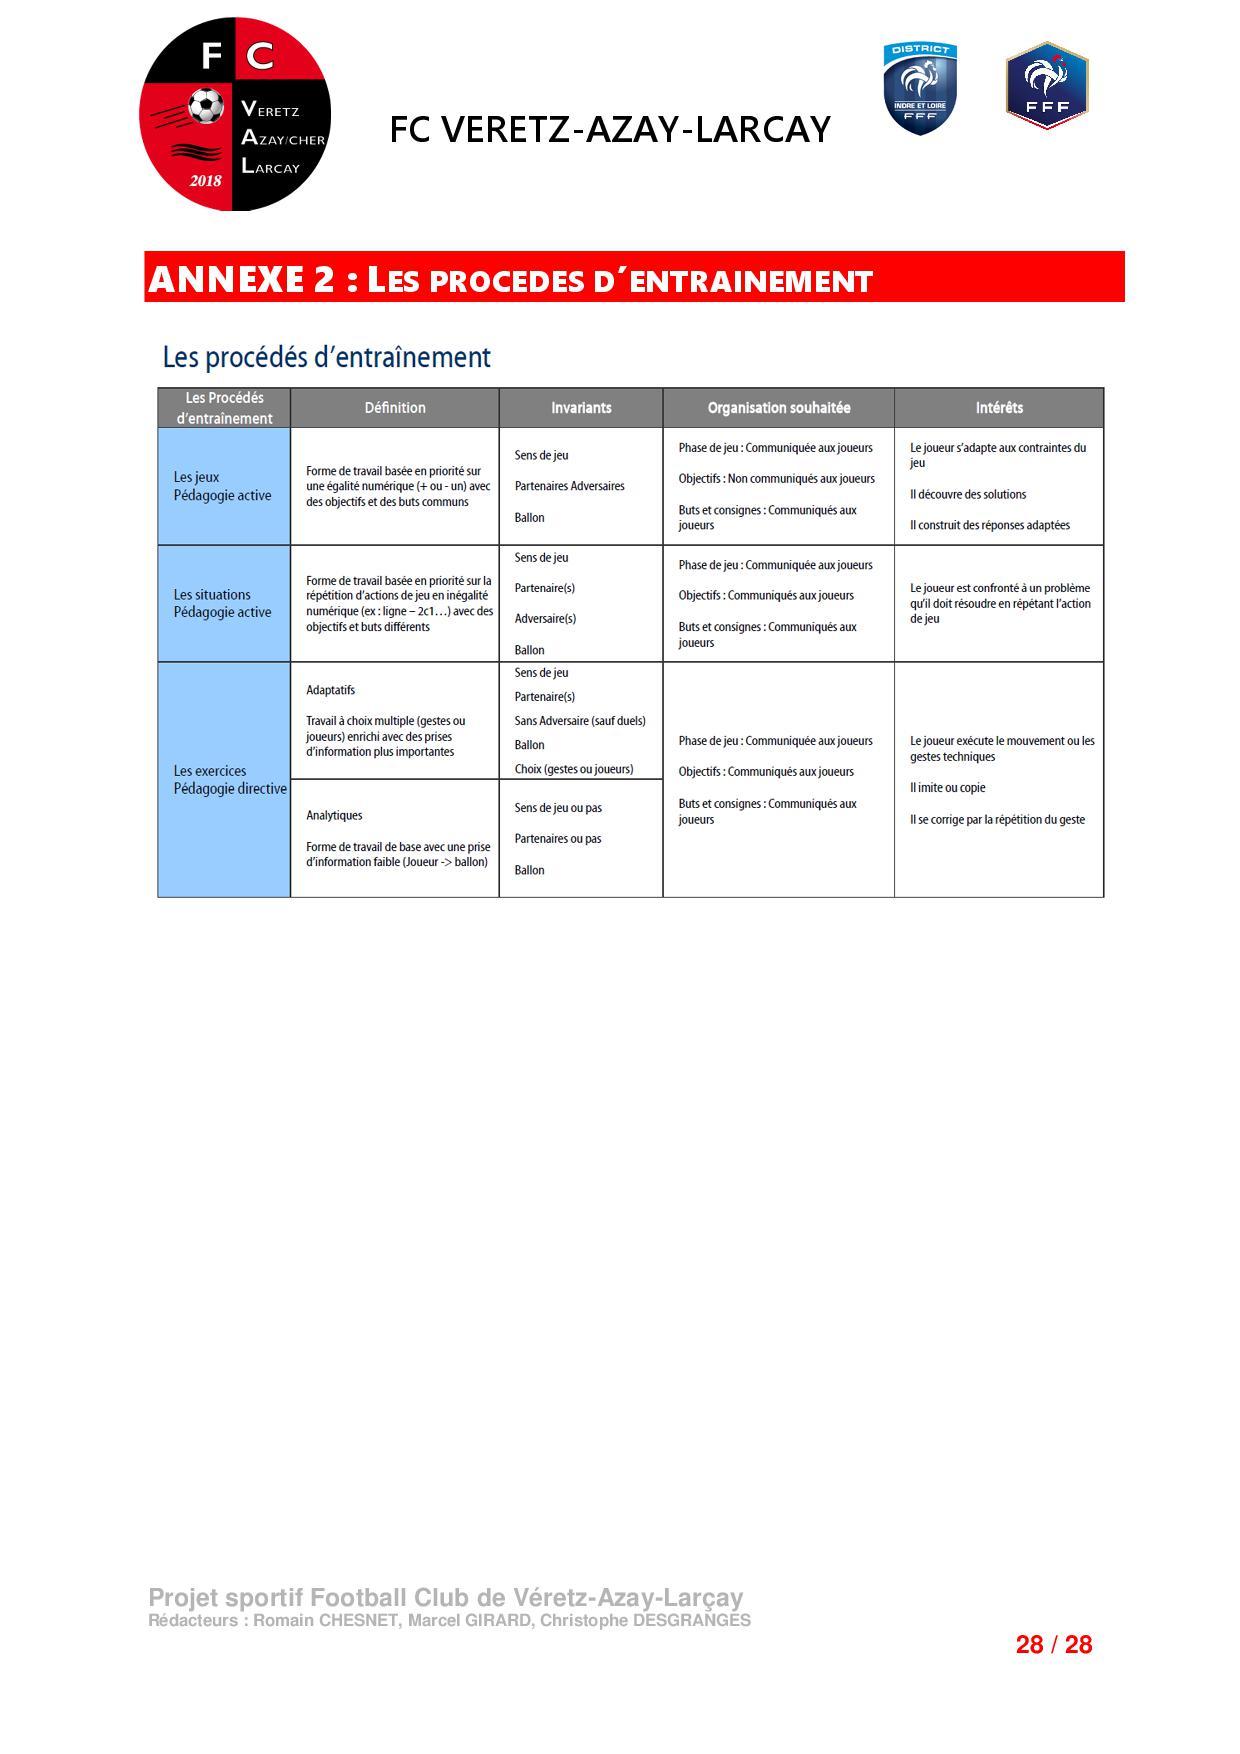 projet_sportif_2017-202028.jpg